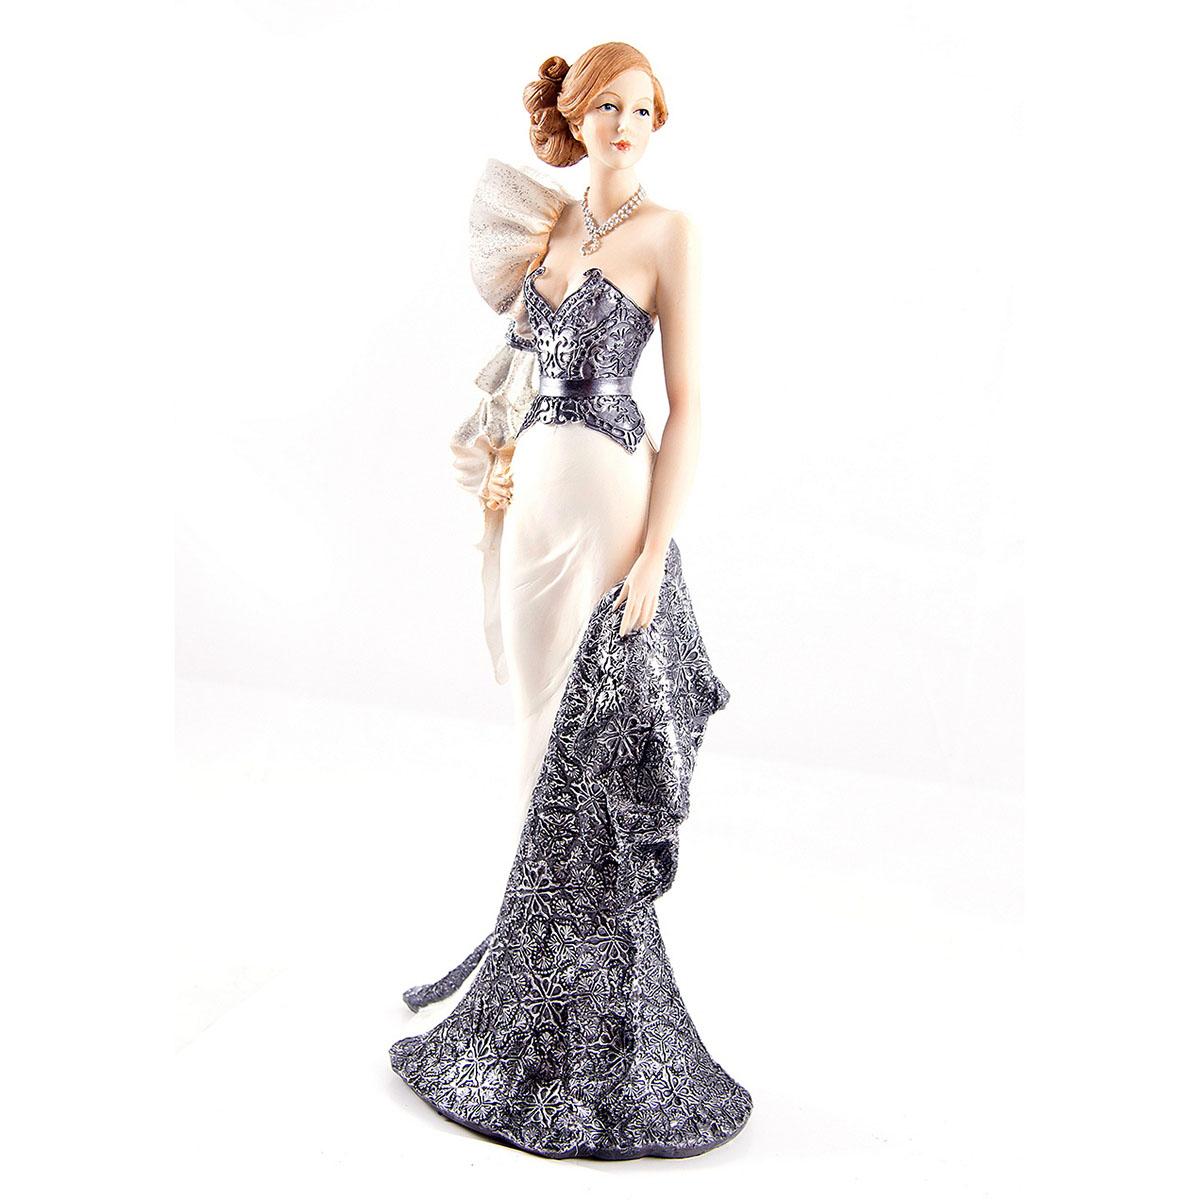 Статуэтка Русские Подарки Мисс Изысканность, 15 х 8 х 34 см27644